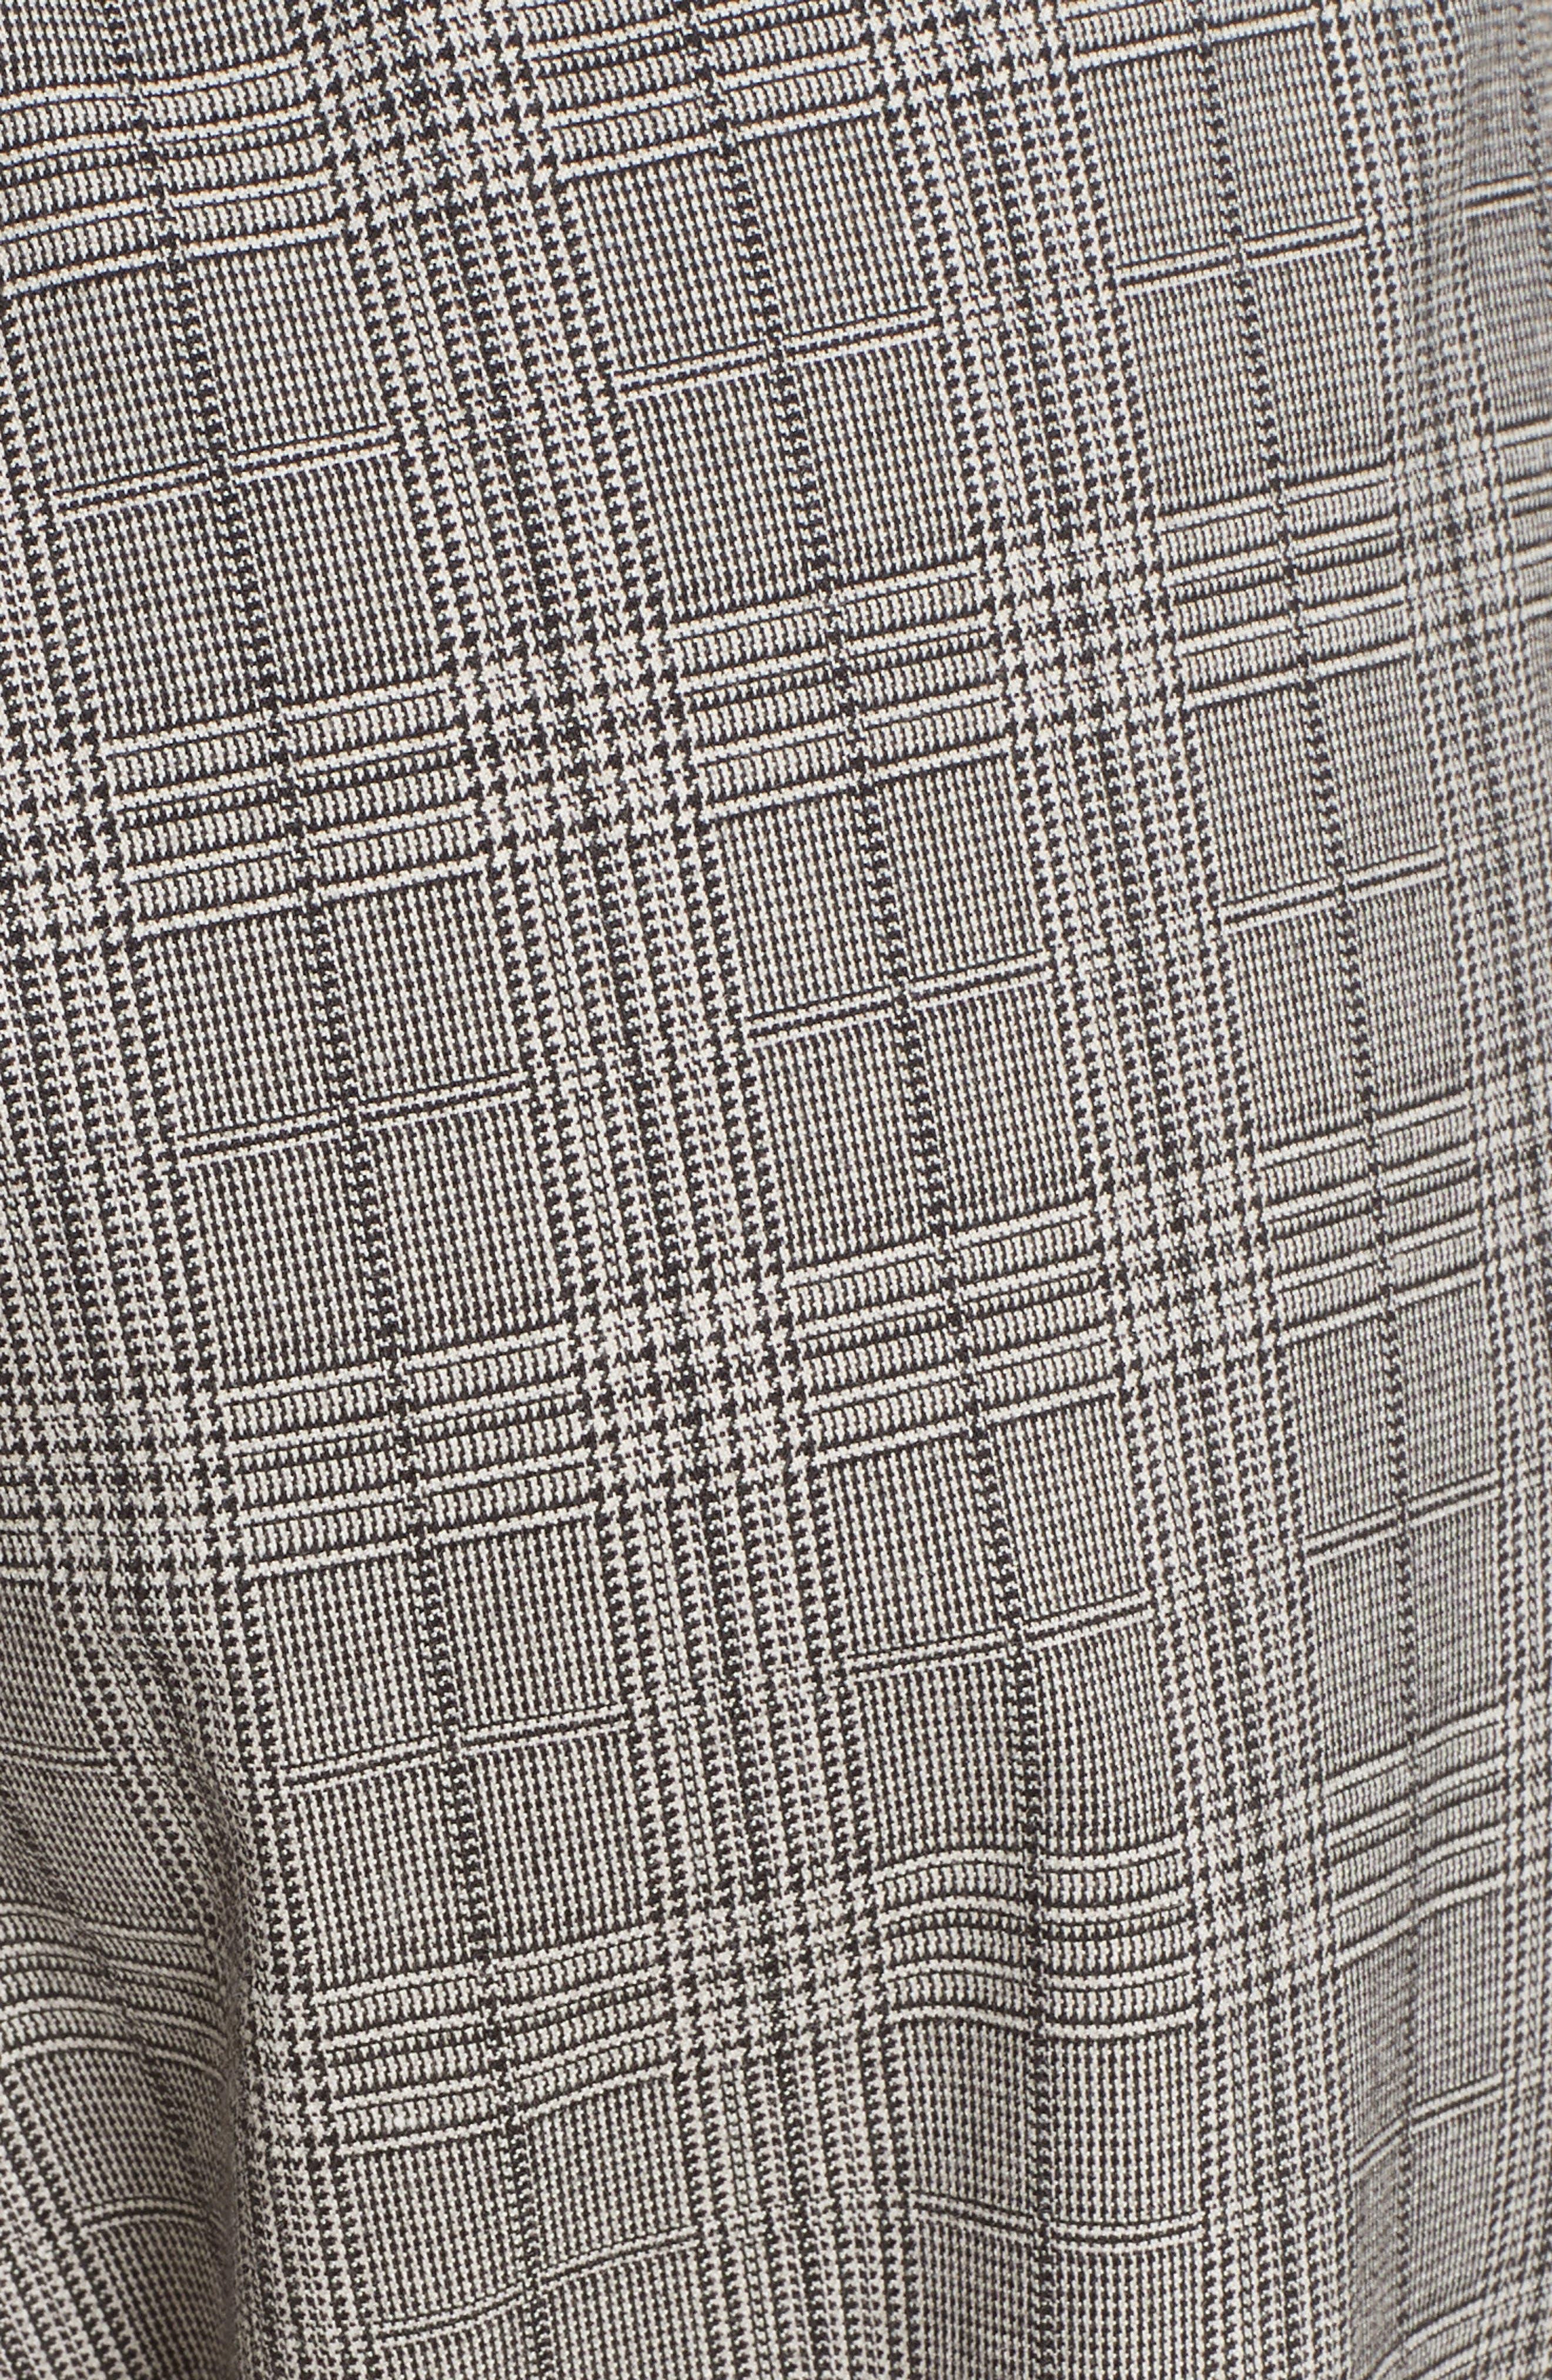 Glen Plaid Jogger Pants,                             Alternate thumbnail 5, color,                             BLACK